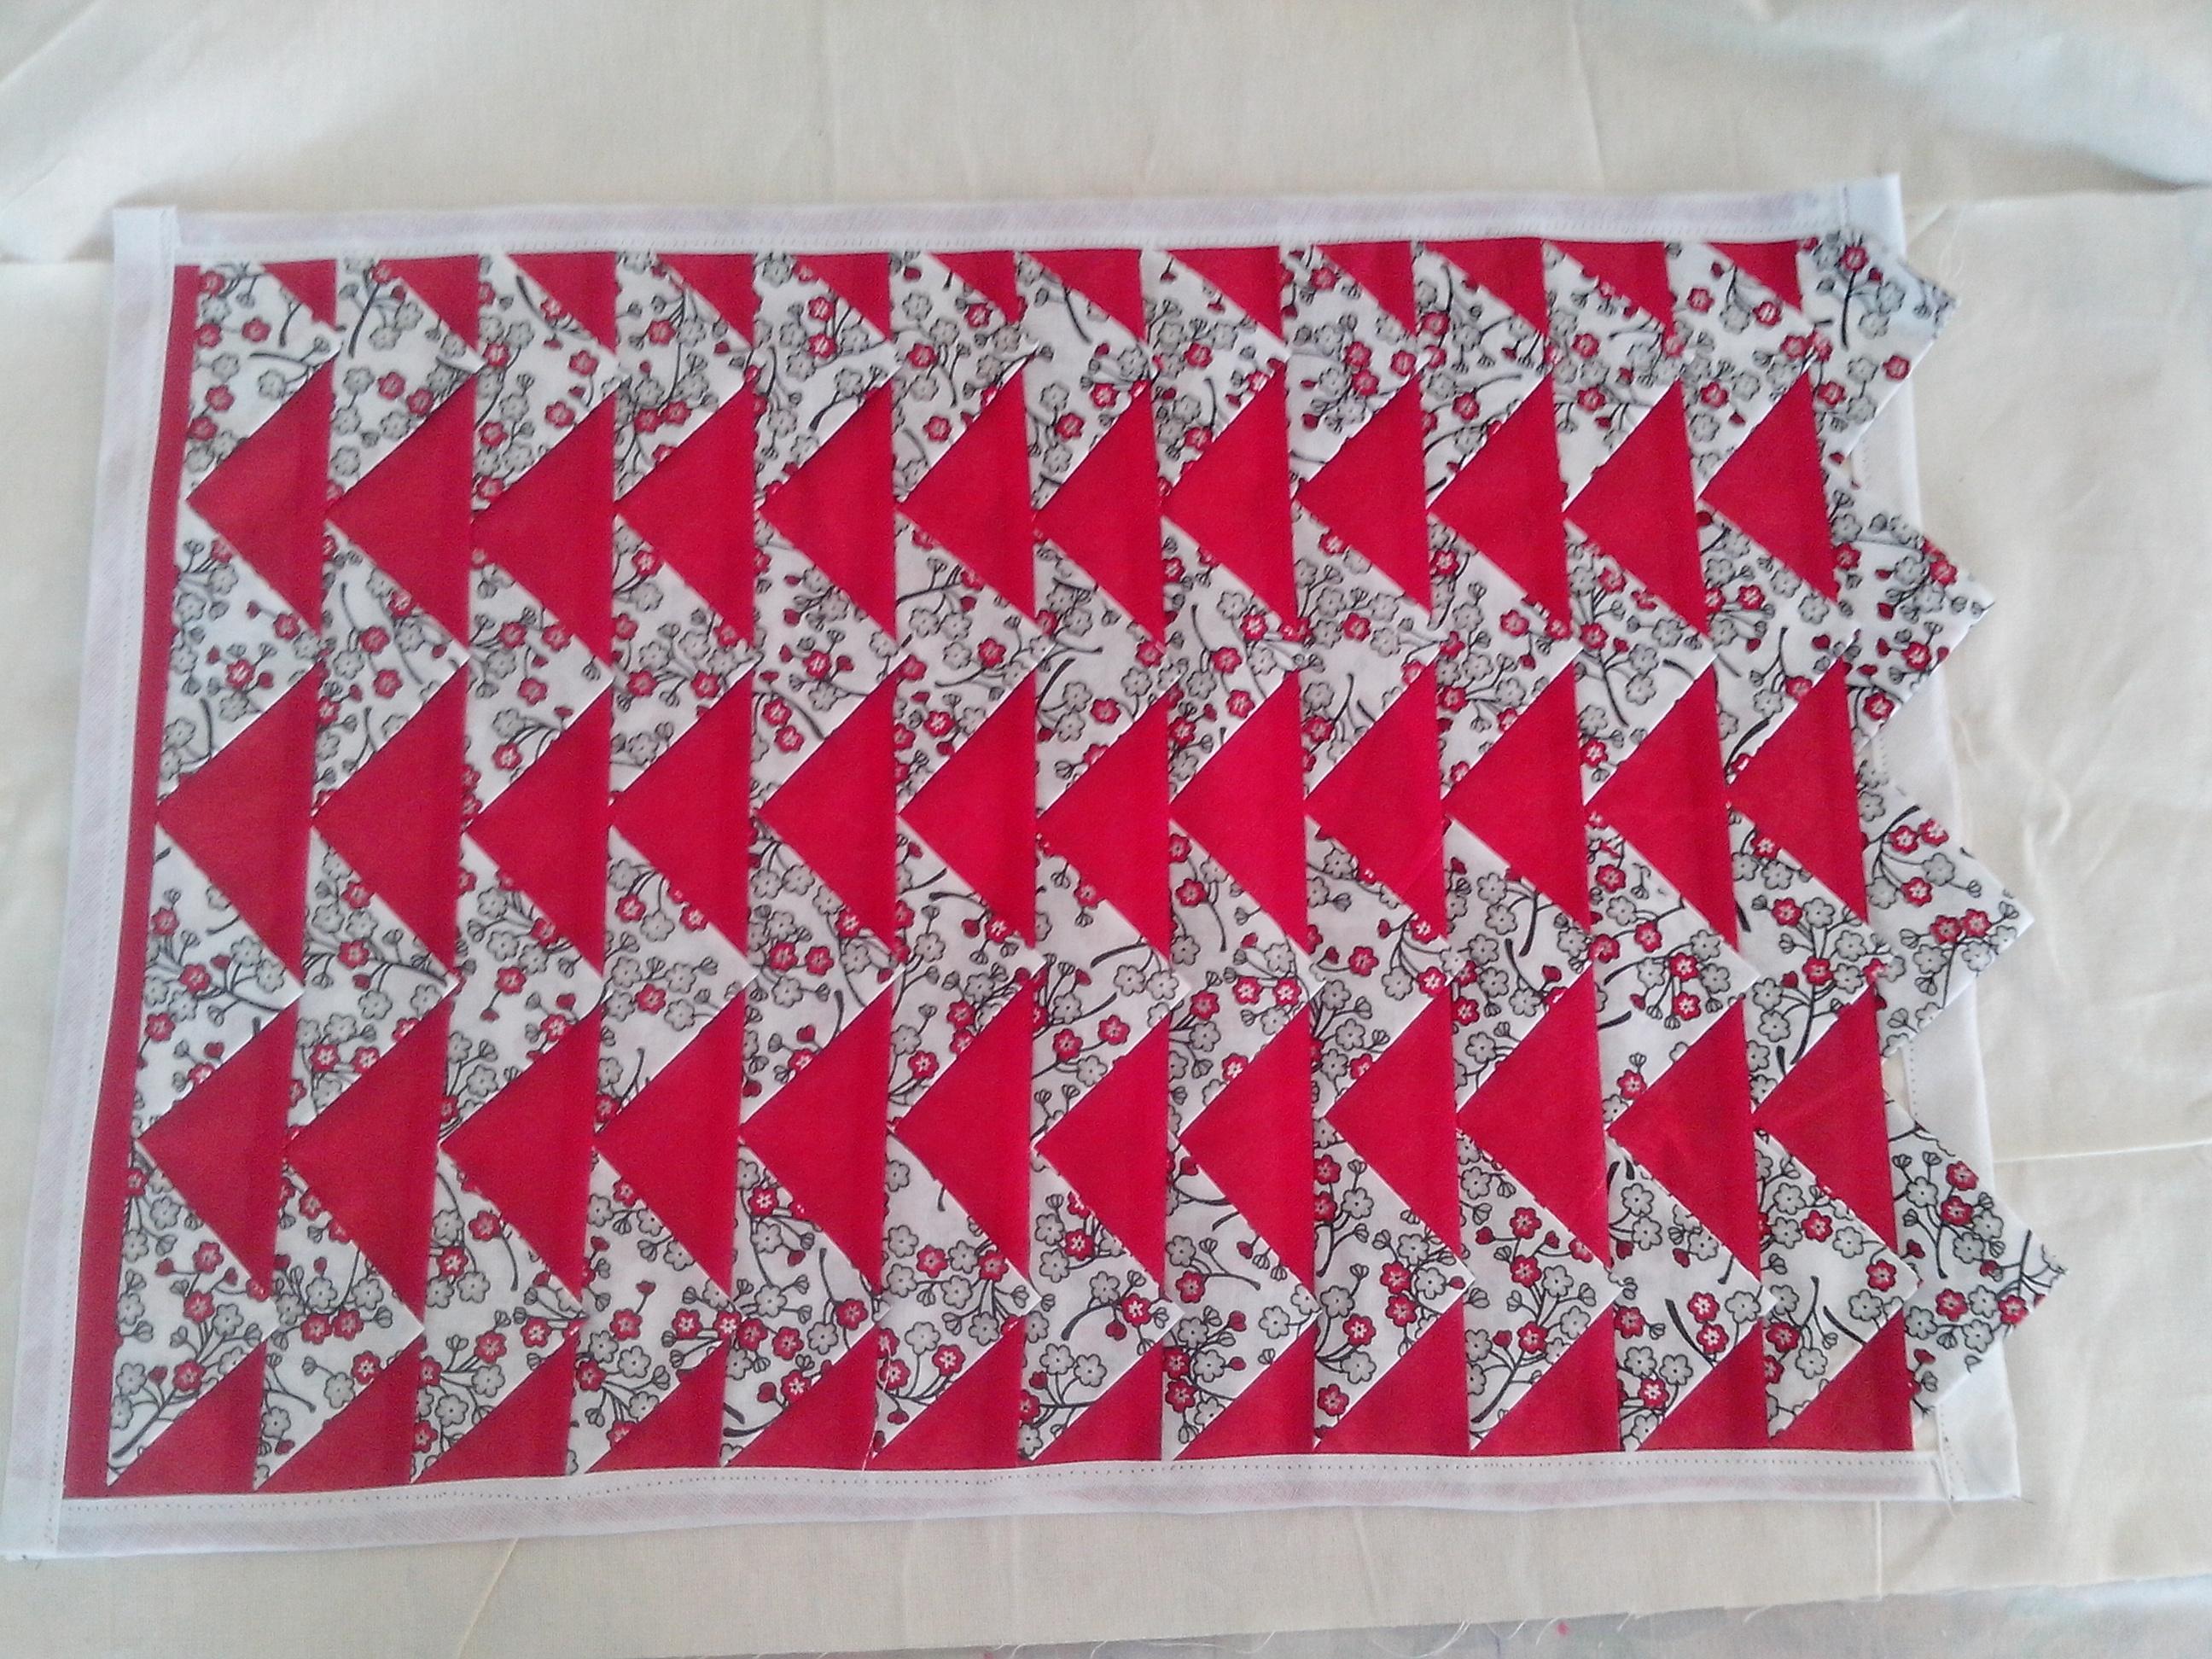 Arte Em Tapete De Retalho : de escama em patchwork tapetes de retalhos tapetes de escama em